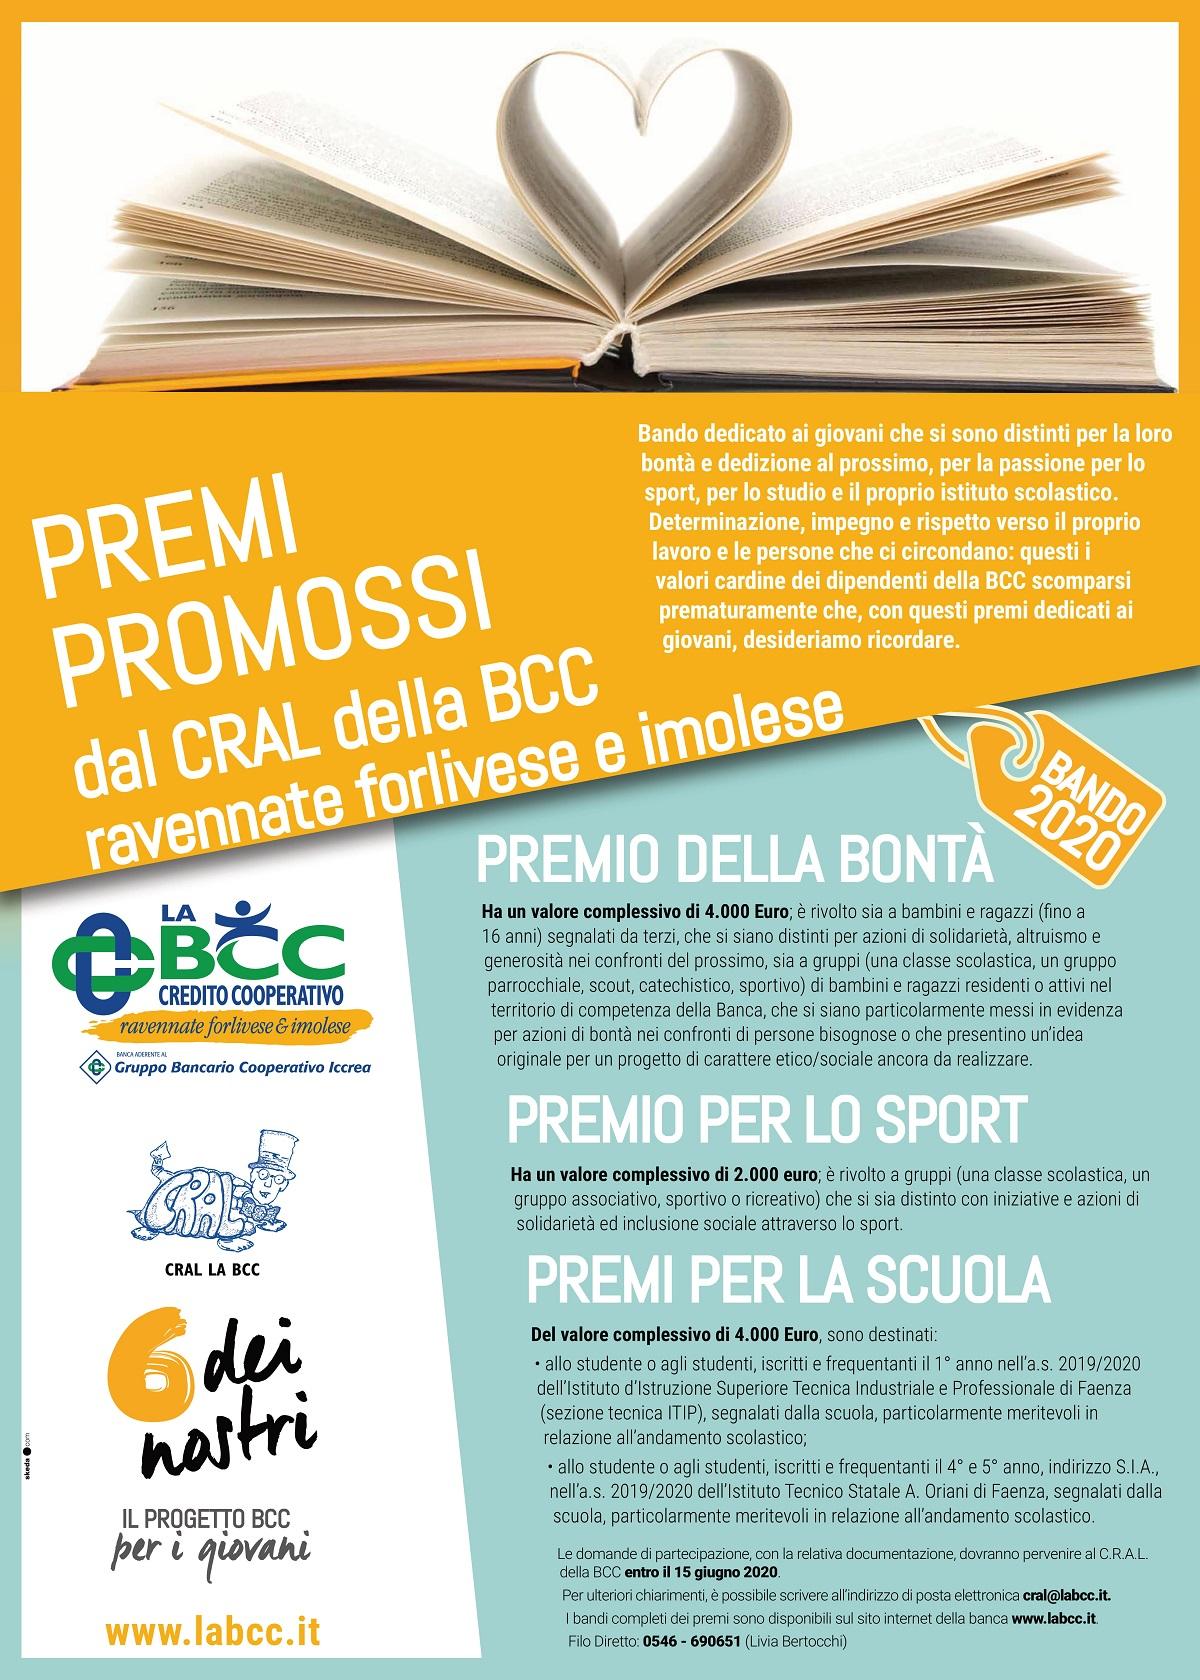 Iscriviti al bando dei premi del Cral de LA BCC entro la nuova scadenza del 15 giugno